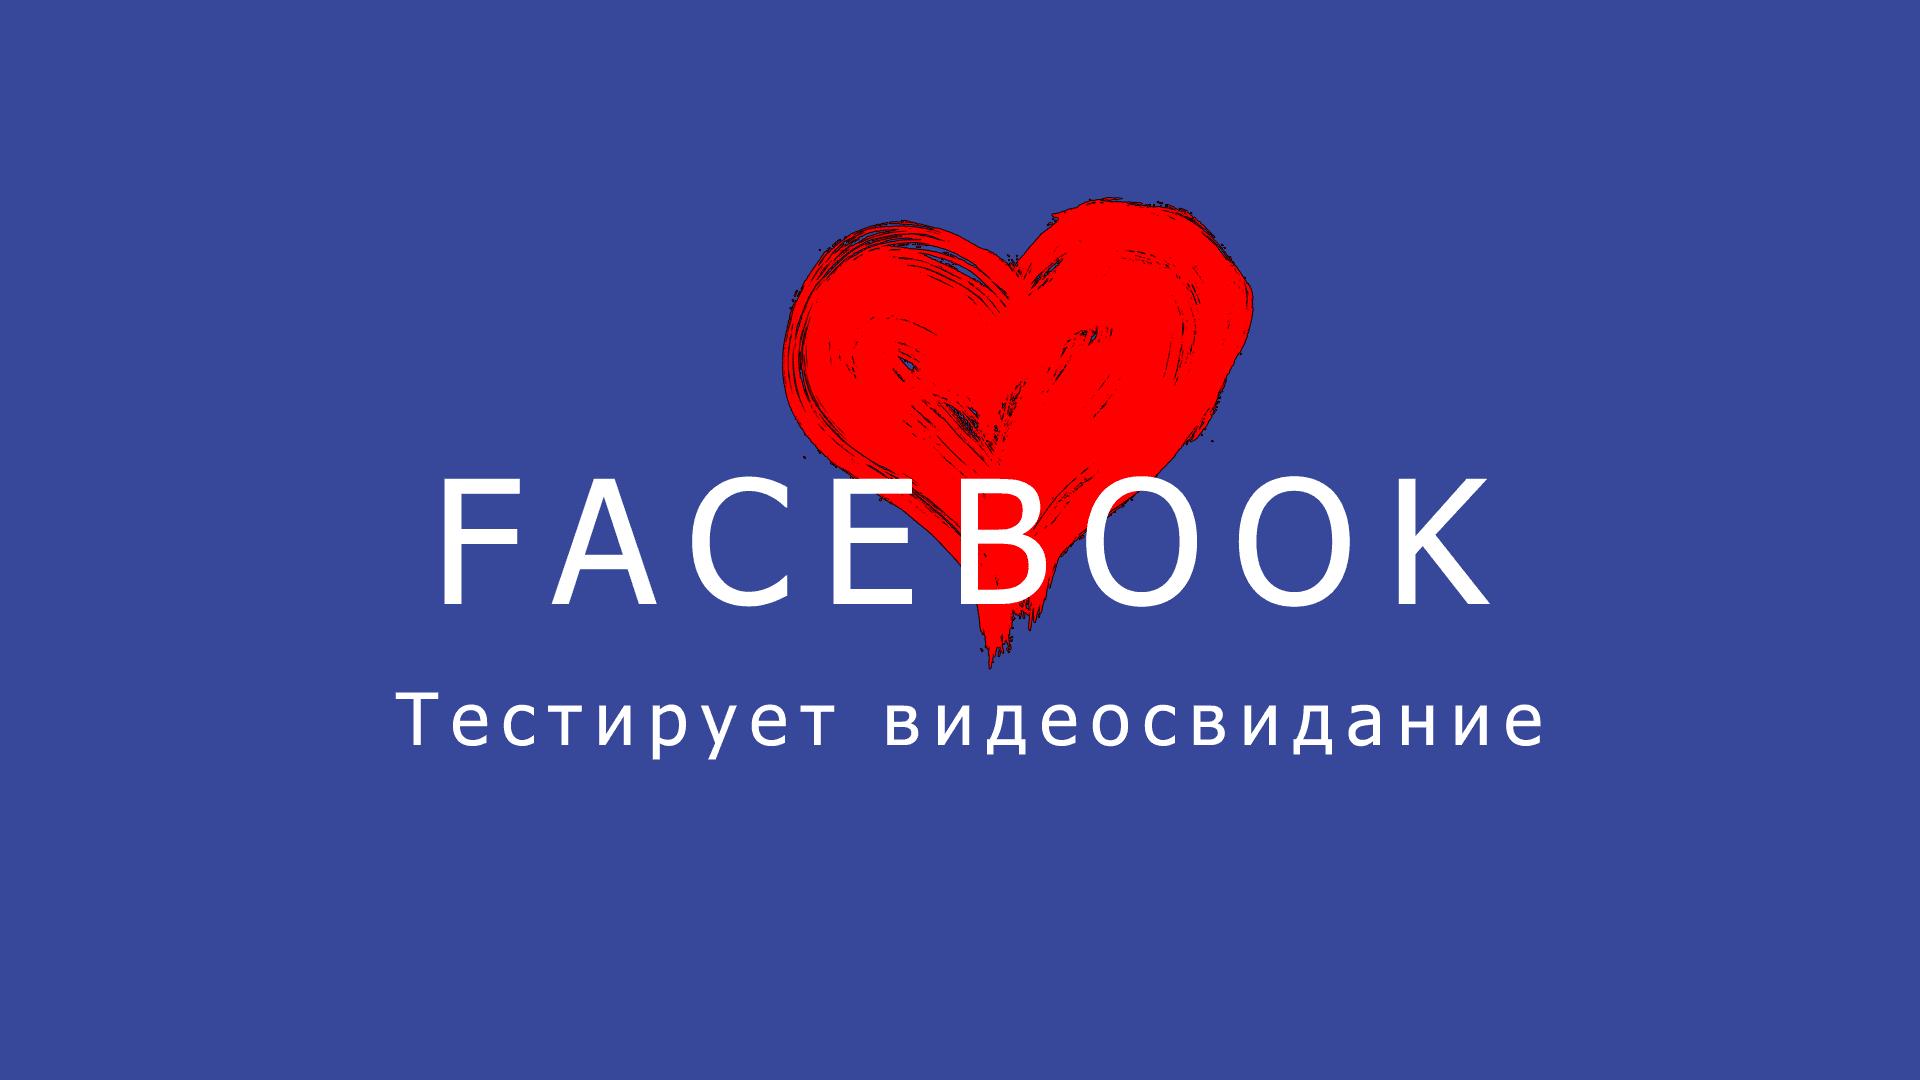 Facebook тестирует видеосвидания